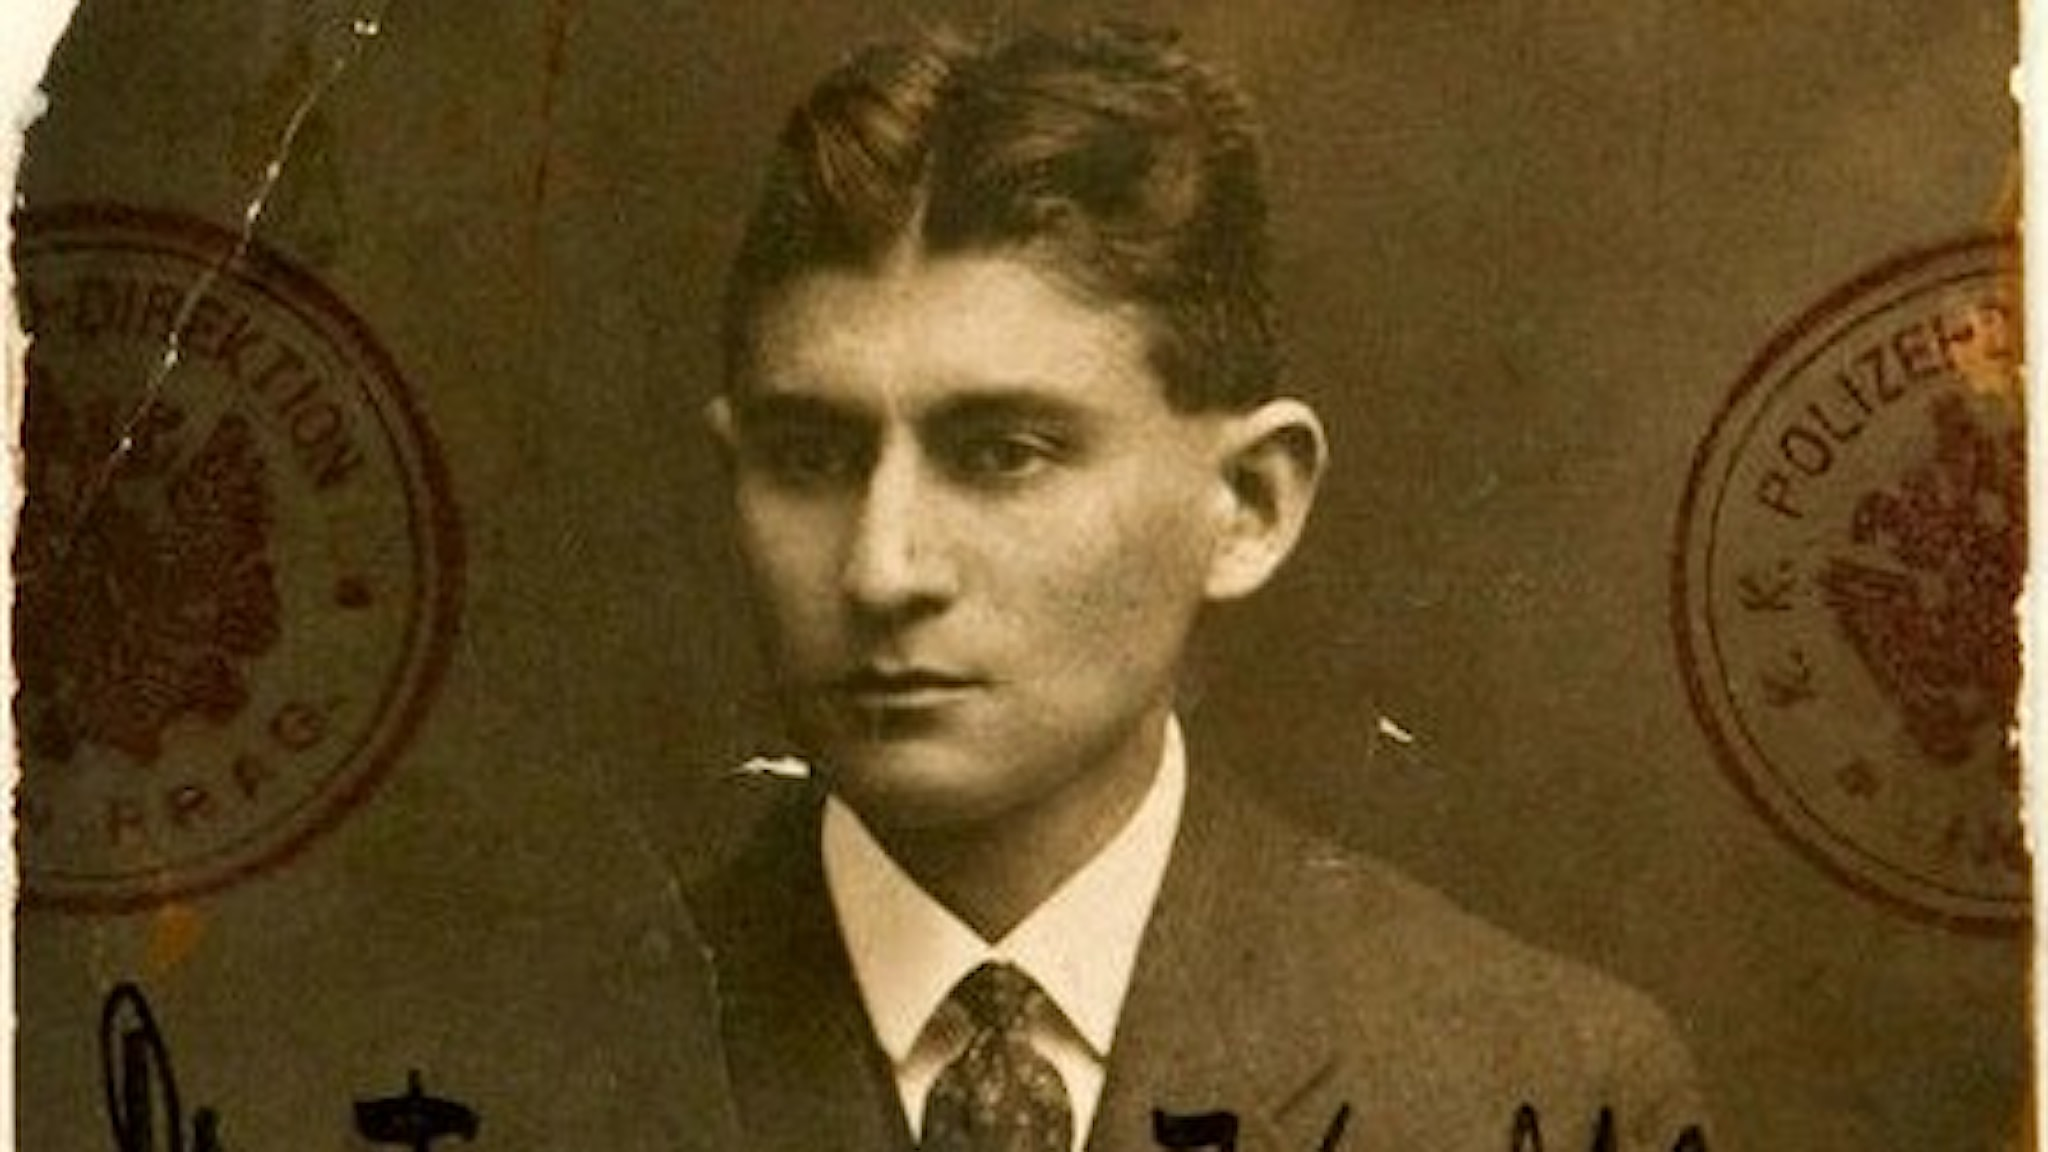 Porträtt av Franz Kafka 1915